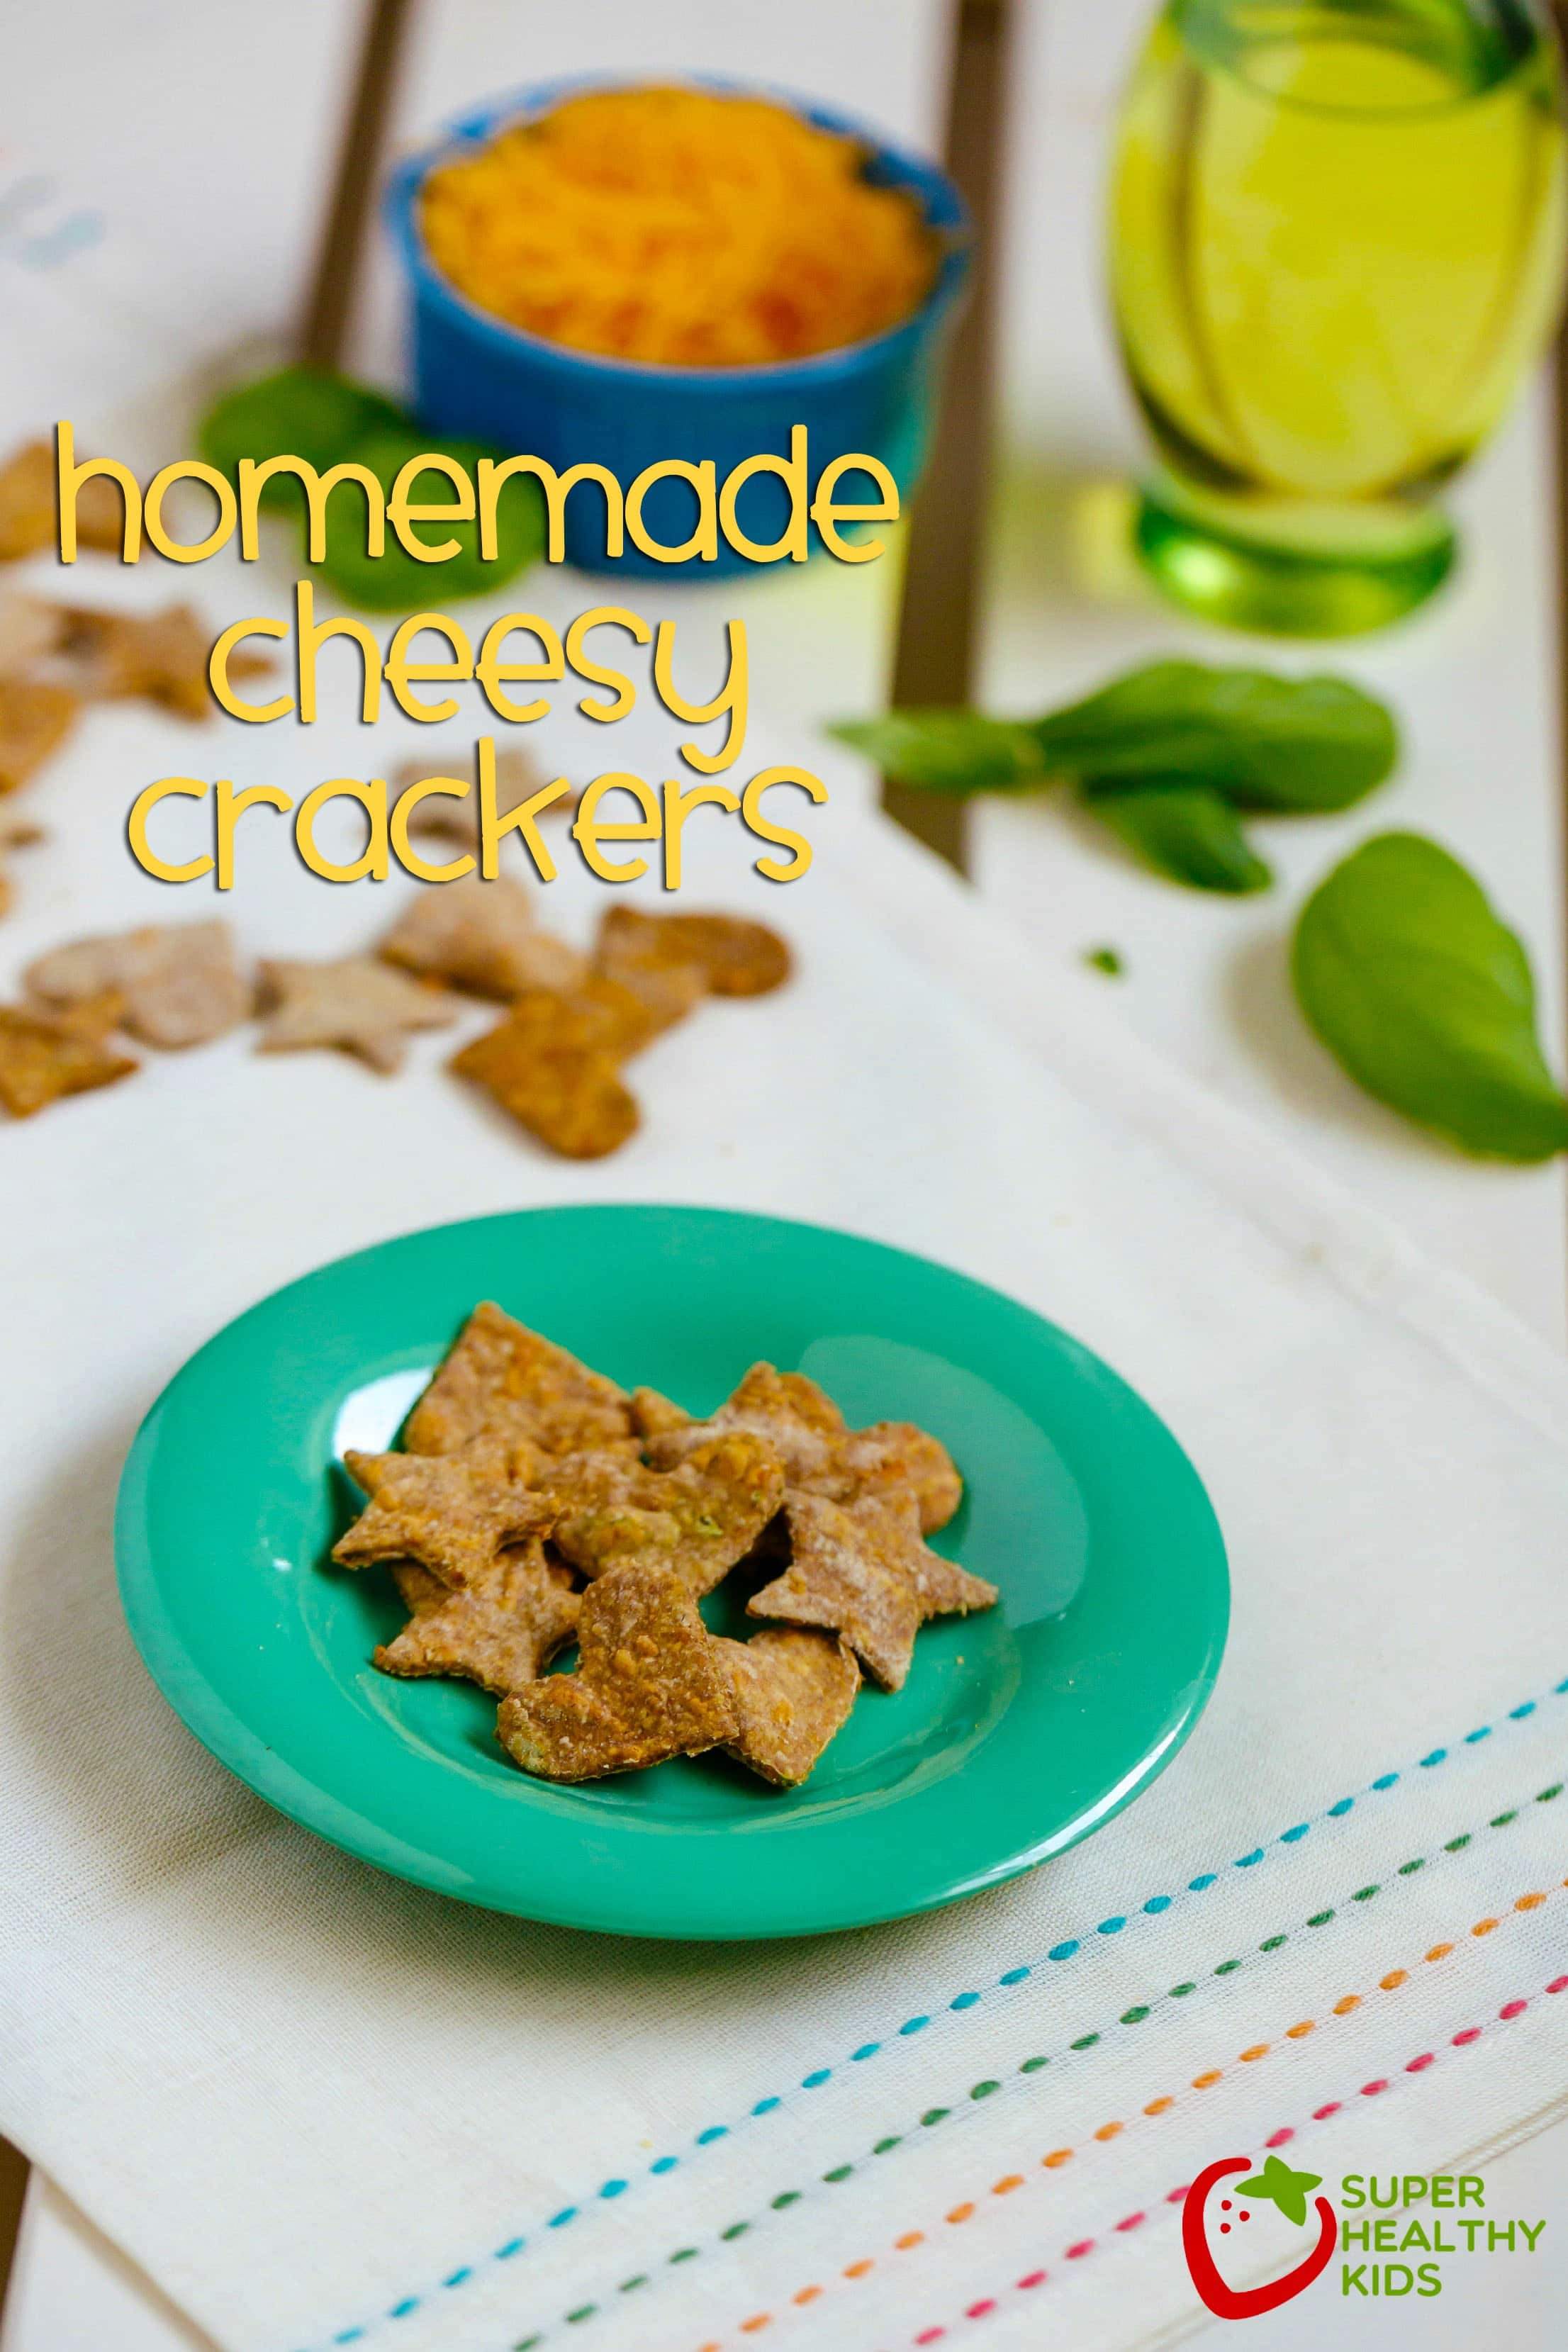 Homemade Cheesy Crackers Recipe